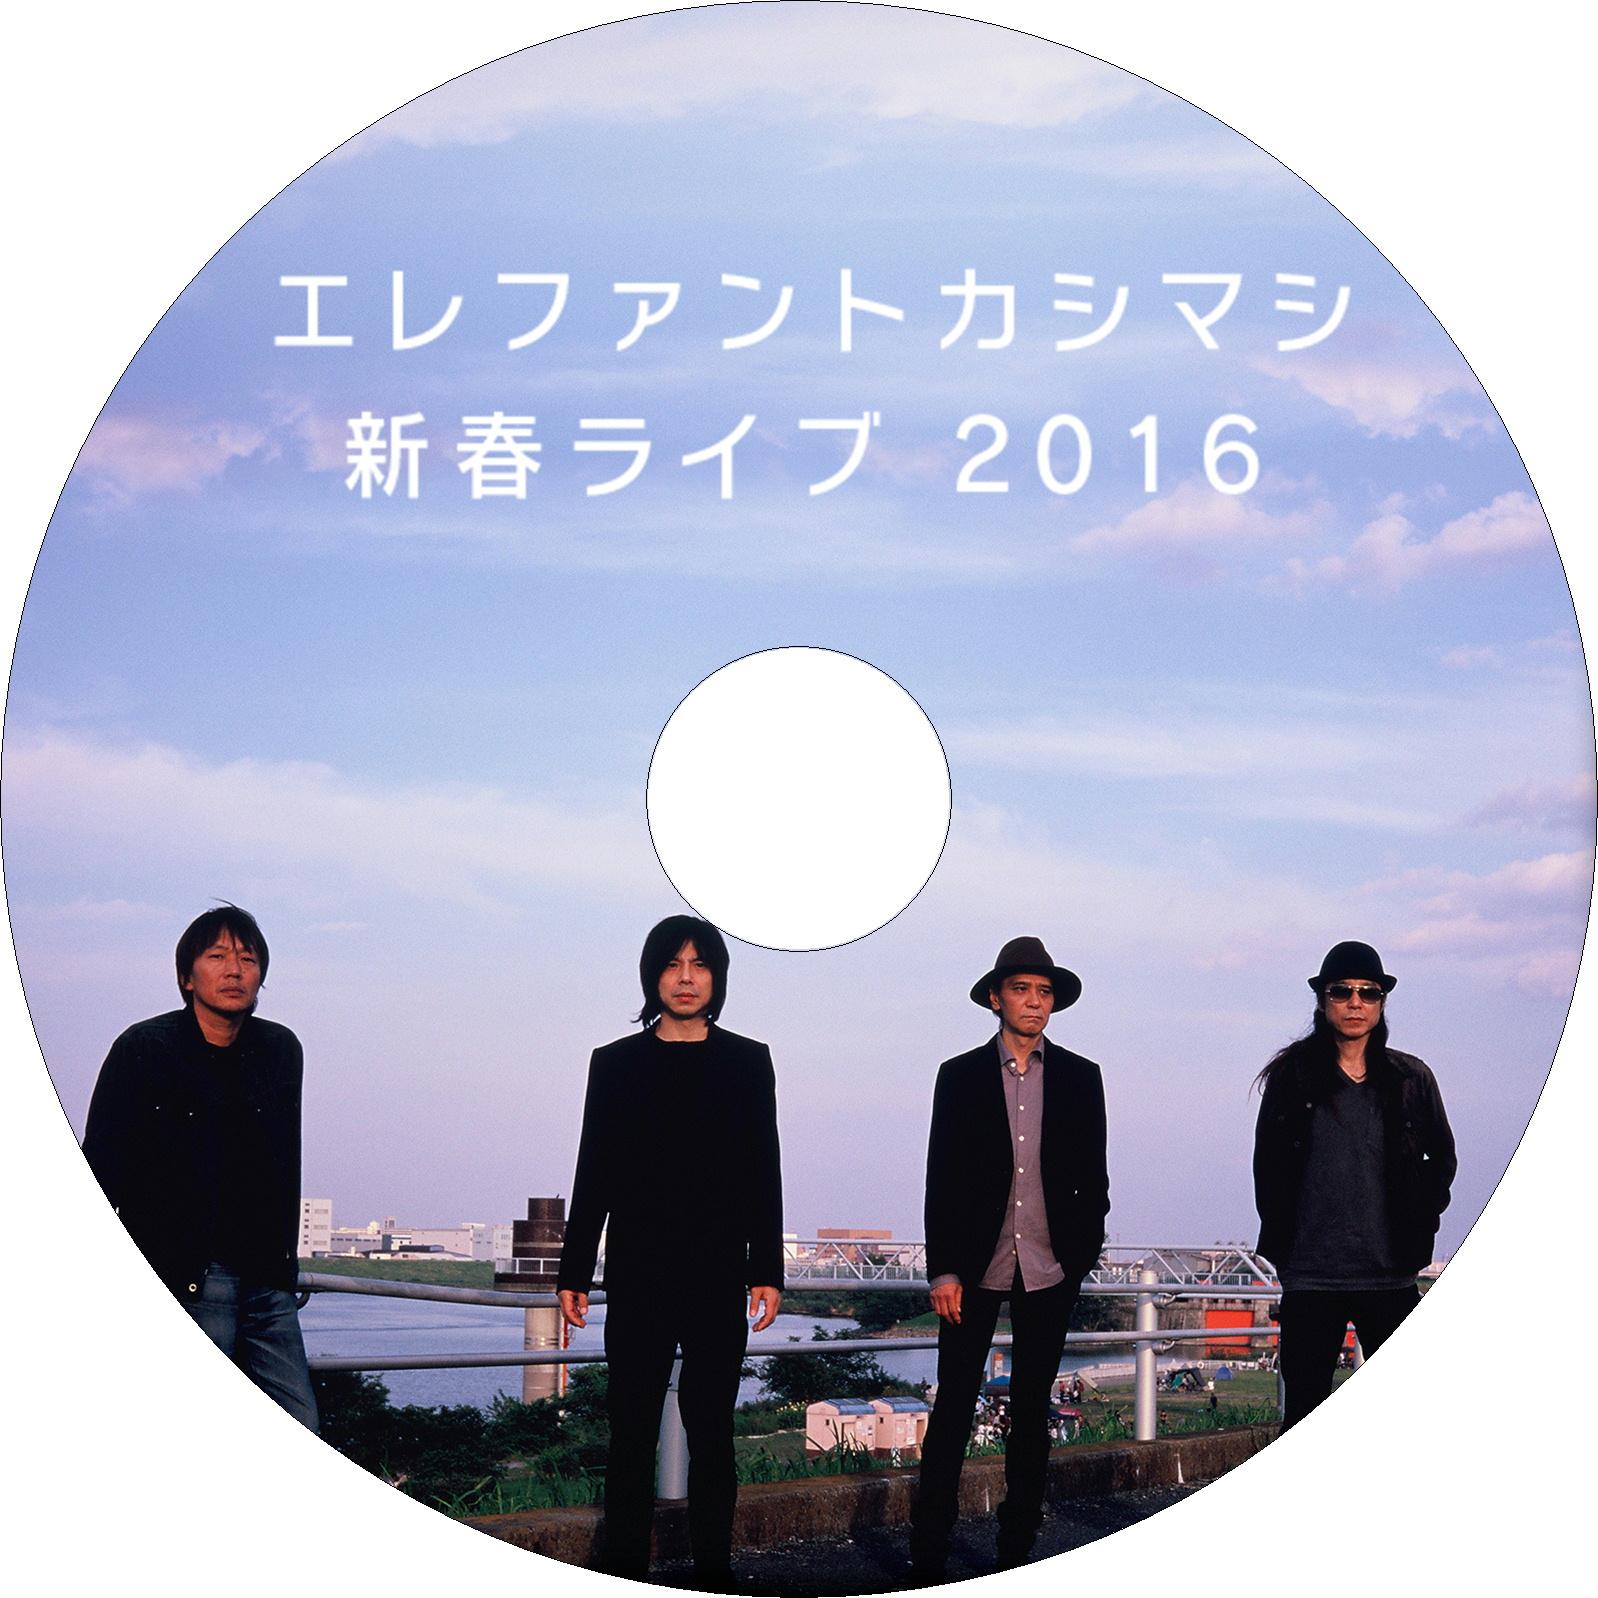 エレファントカシマシ 新春ライブ 2016 ラベル